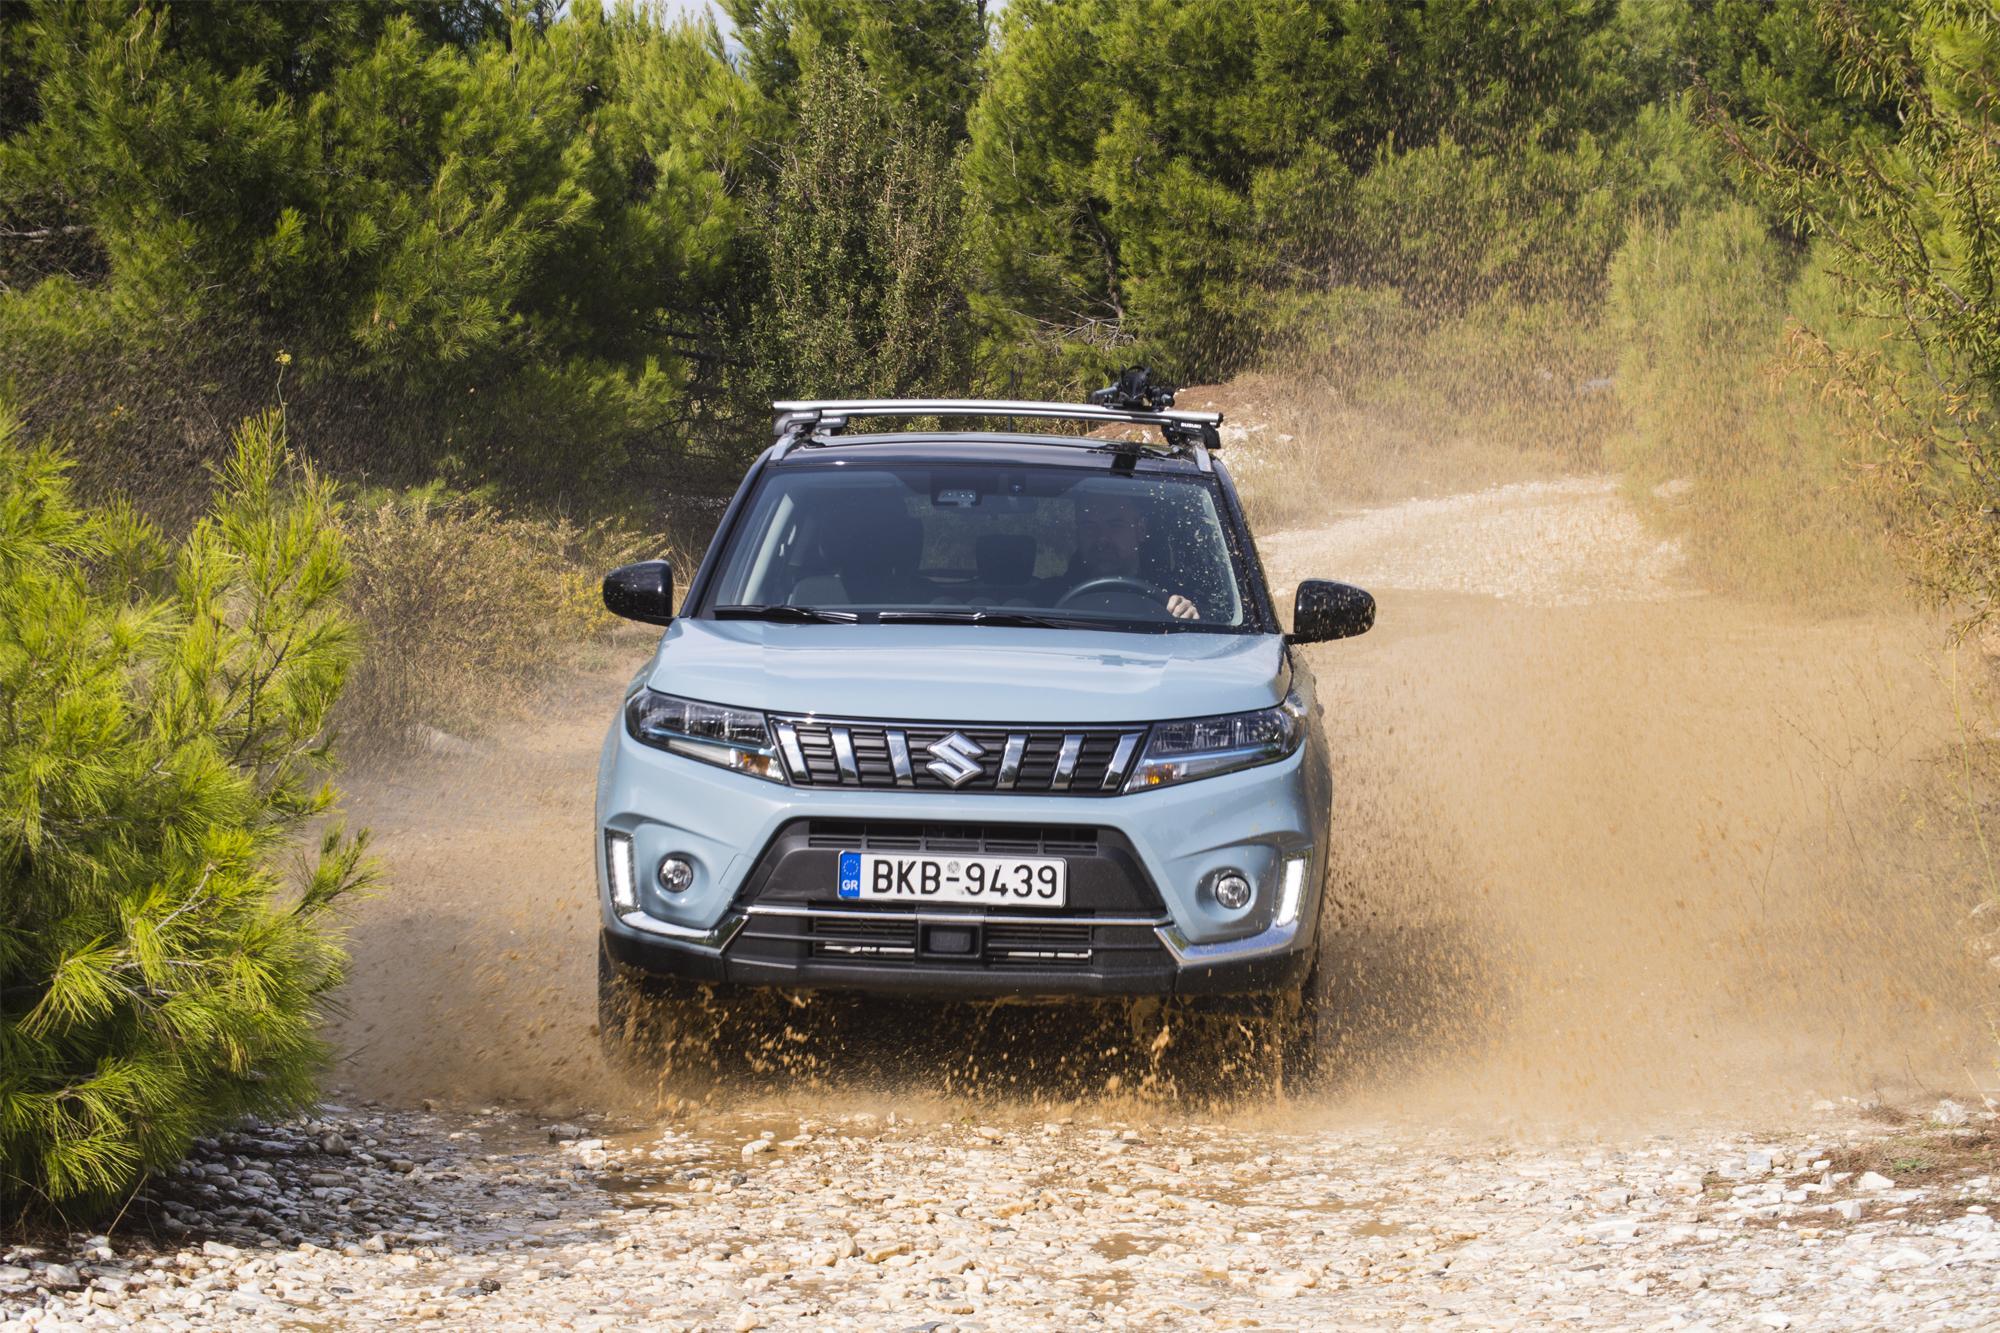 Ανάκληση Suzuki Vitara και SX4 S-Cross στην Ελλάδα